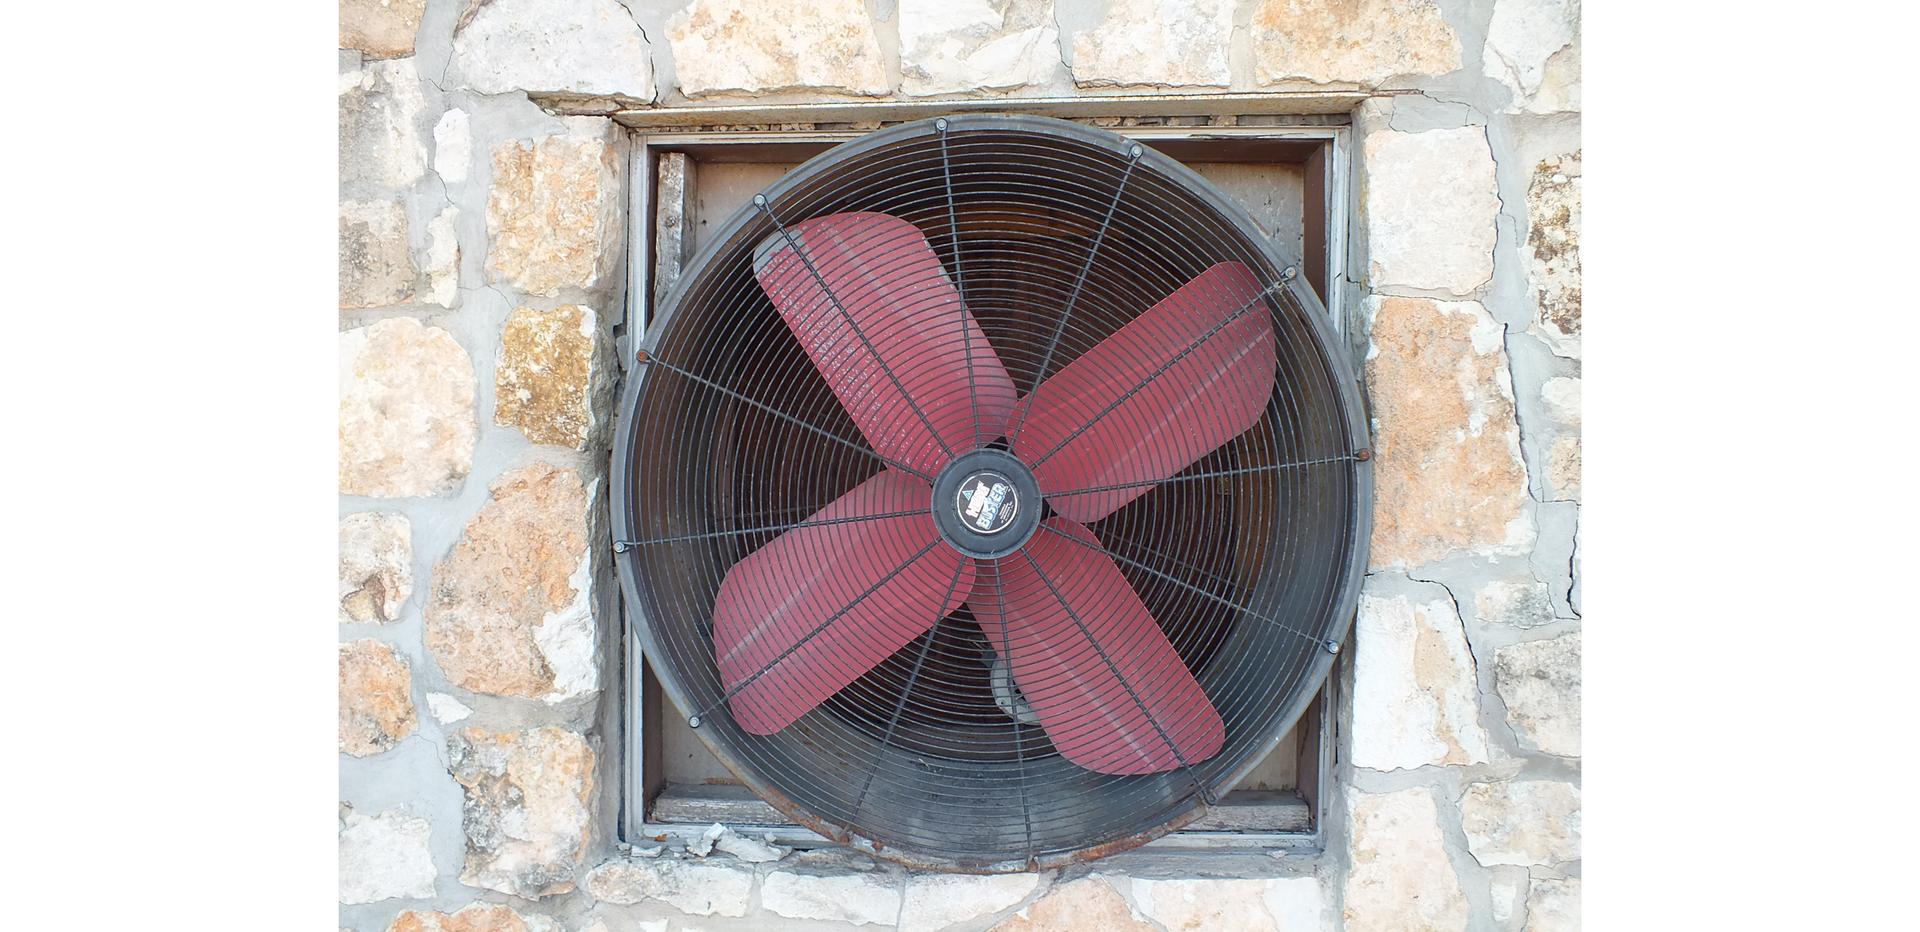 Ilustracja przedstawia wentylator osiowy.